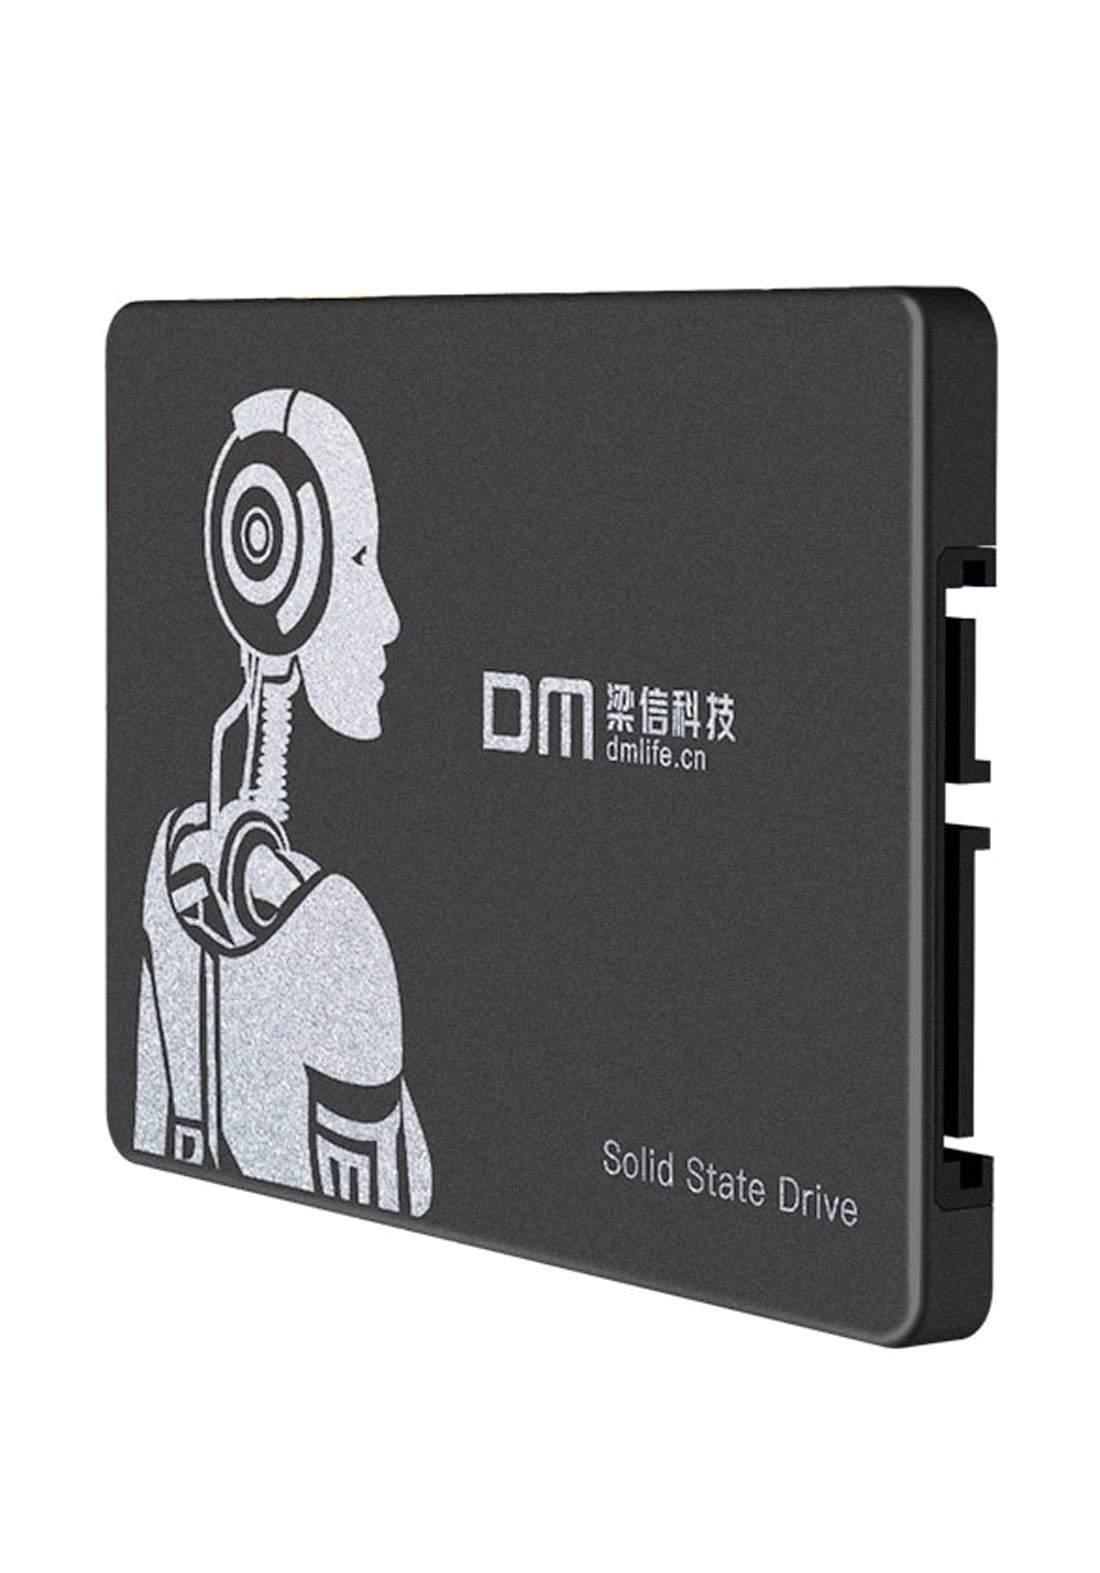 DM F550 SSD 256GB Internal Solid State Drive - Black هارد داخلي